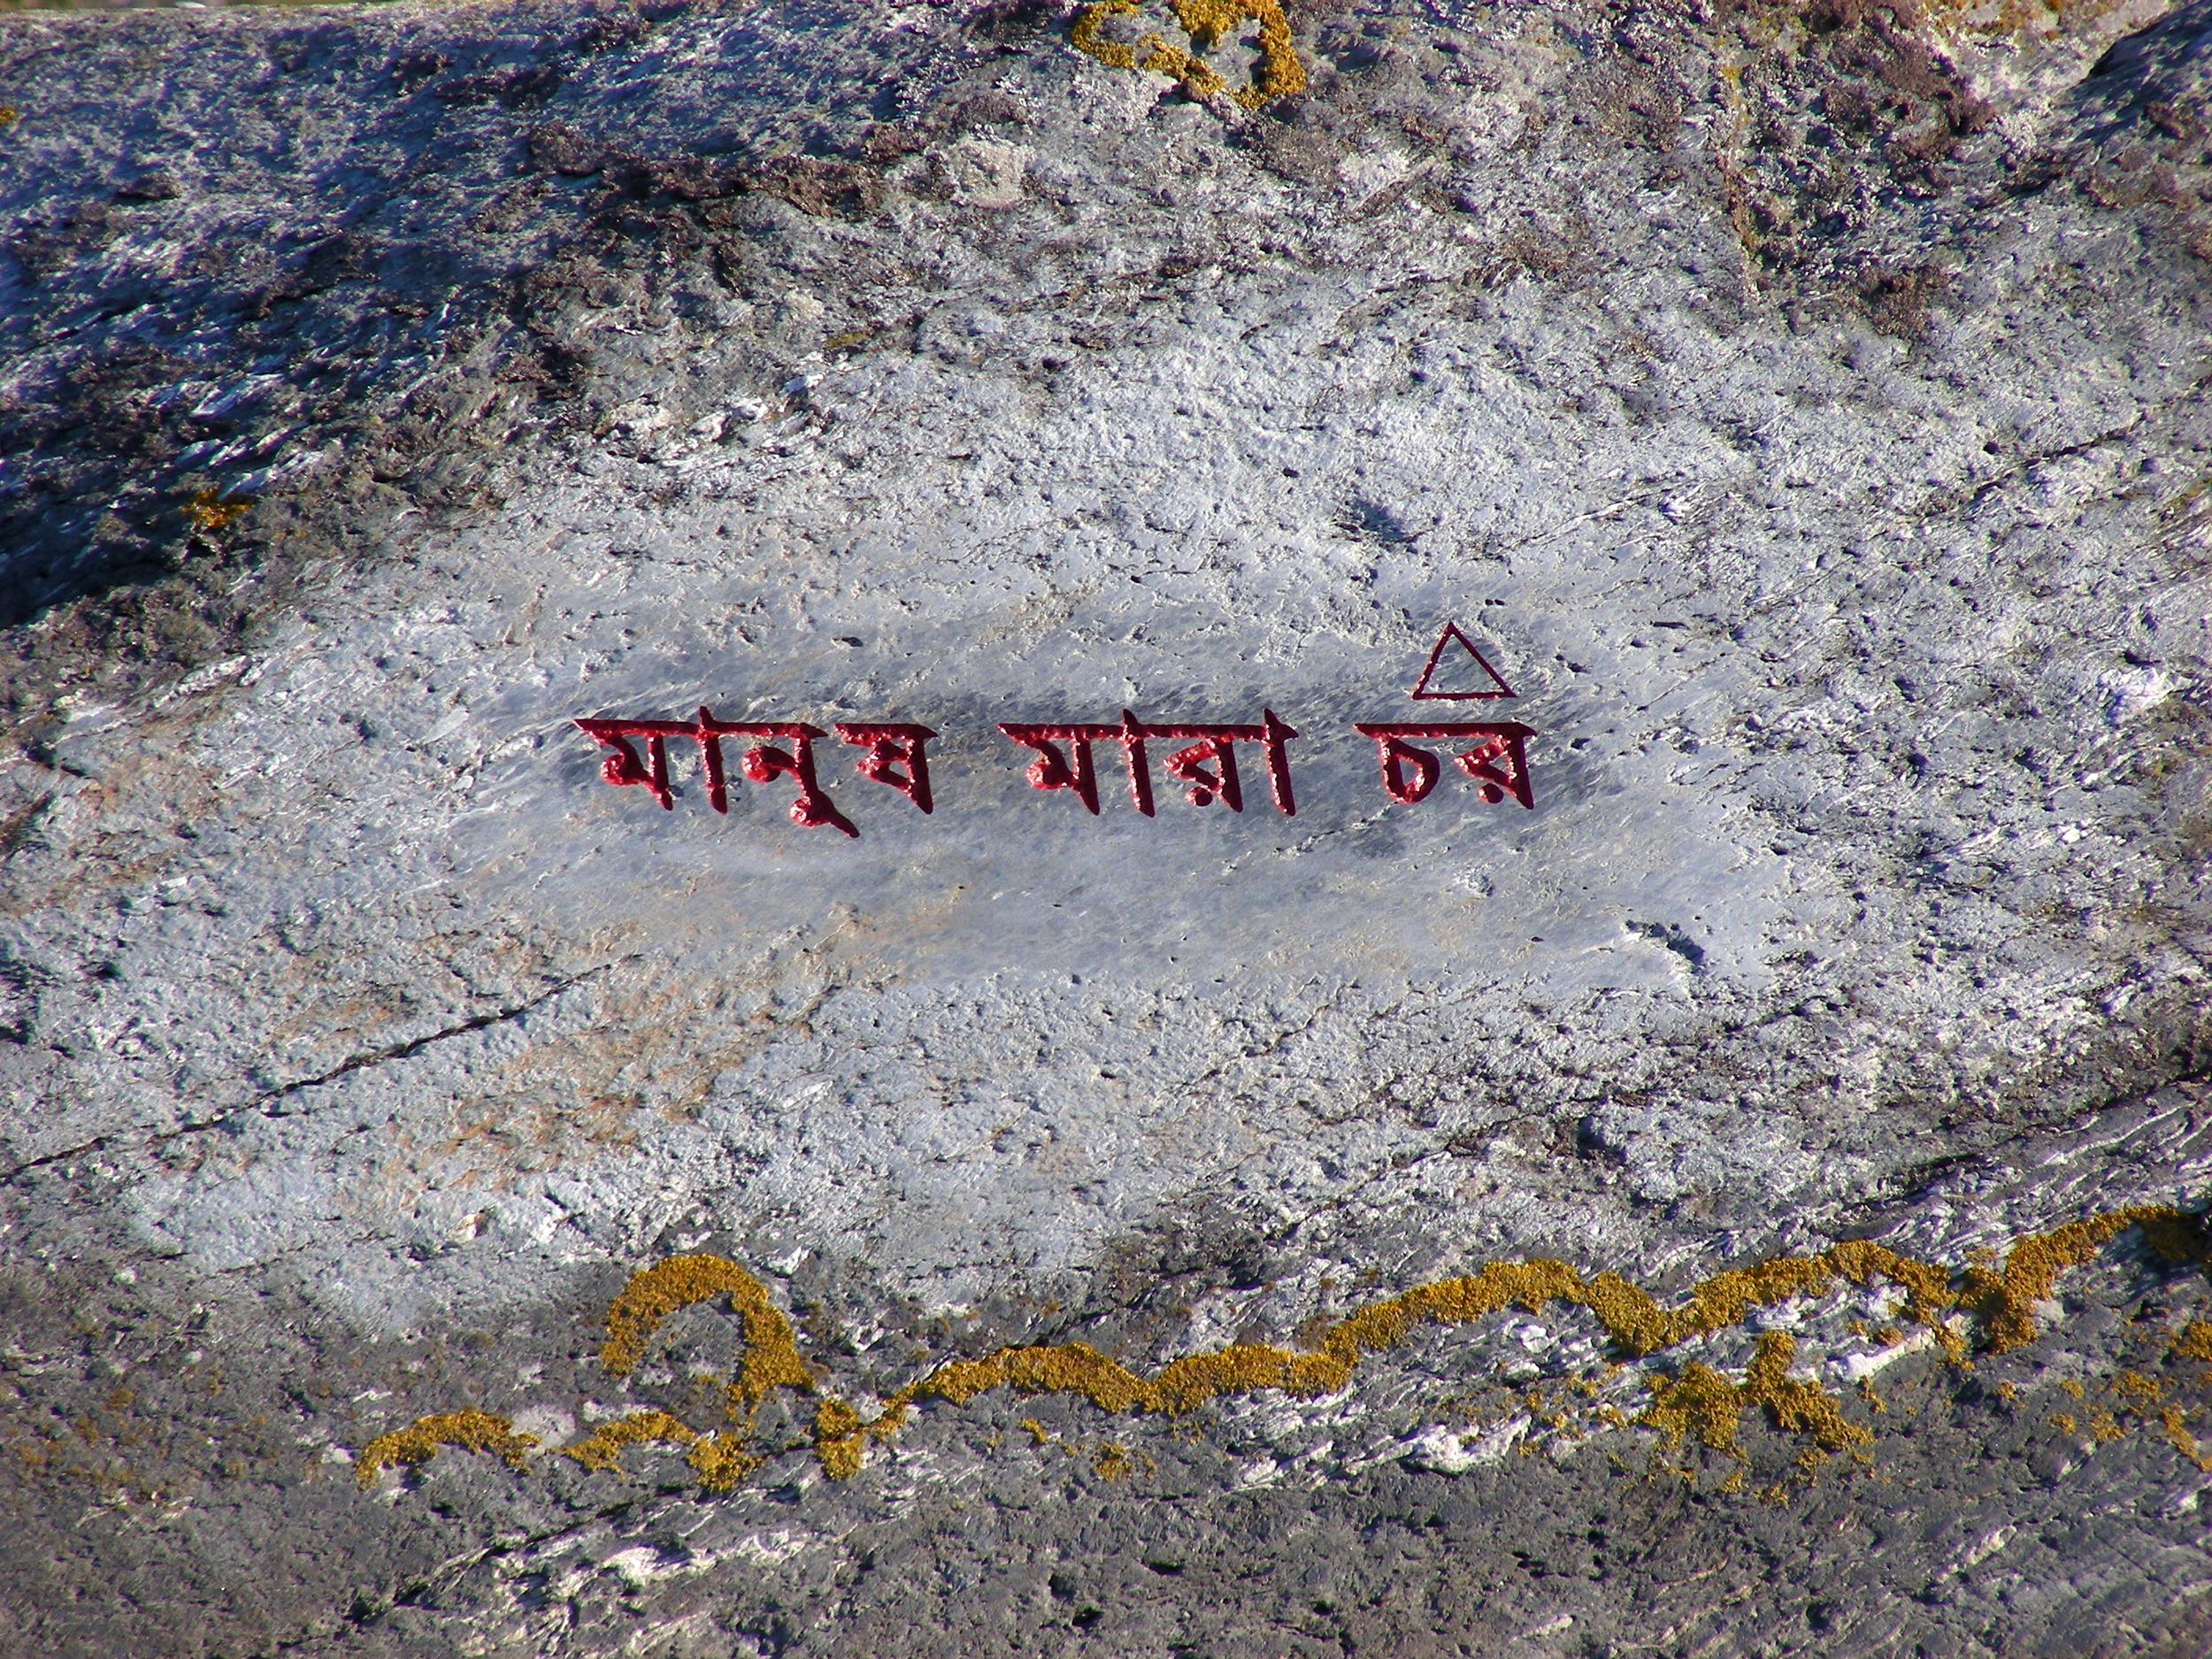 På dette lille klippe-skær ved Stavanger I Norge, står navnet på sand-øen Manush Mara i Brahmapuetra-floden I Bangladesh.